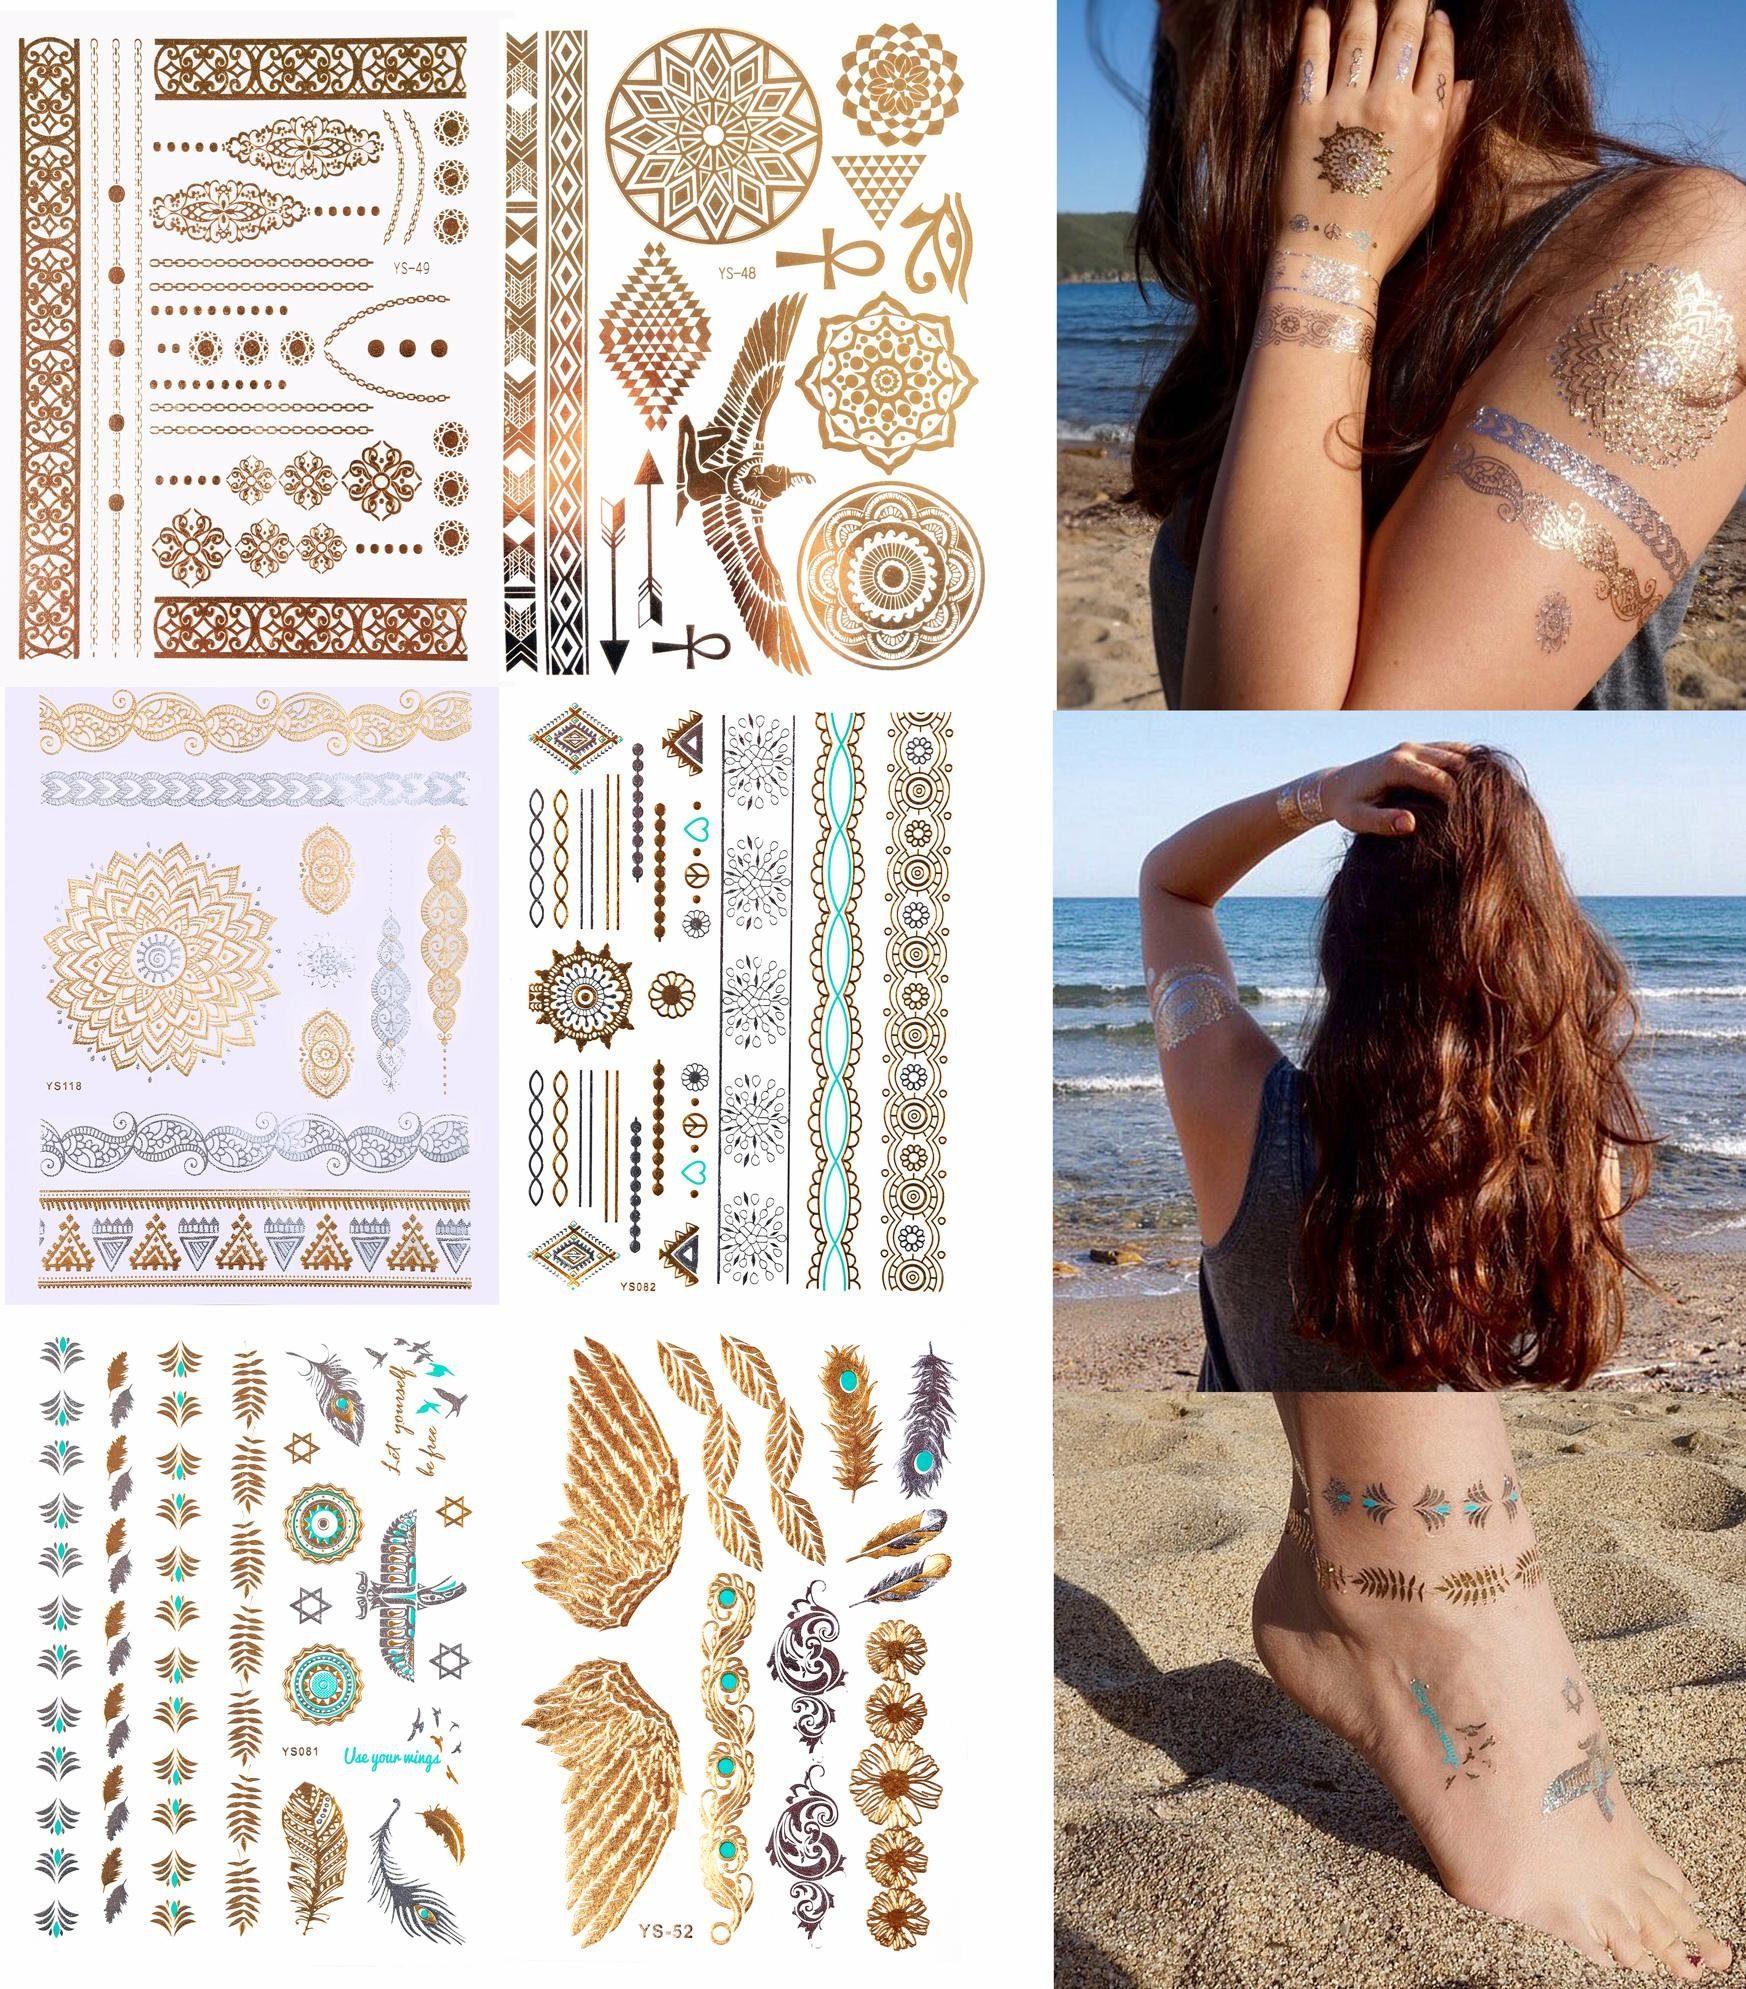 Schmuck-Tattoos, »Holiday«, Tattoos zum Aufkleben